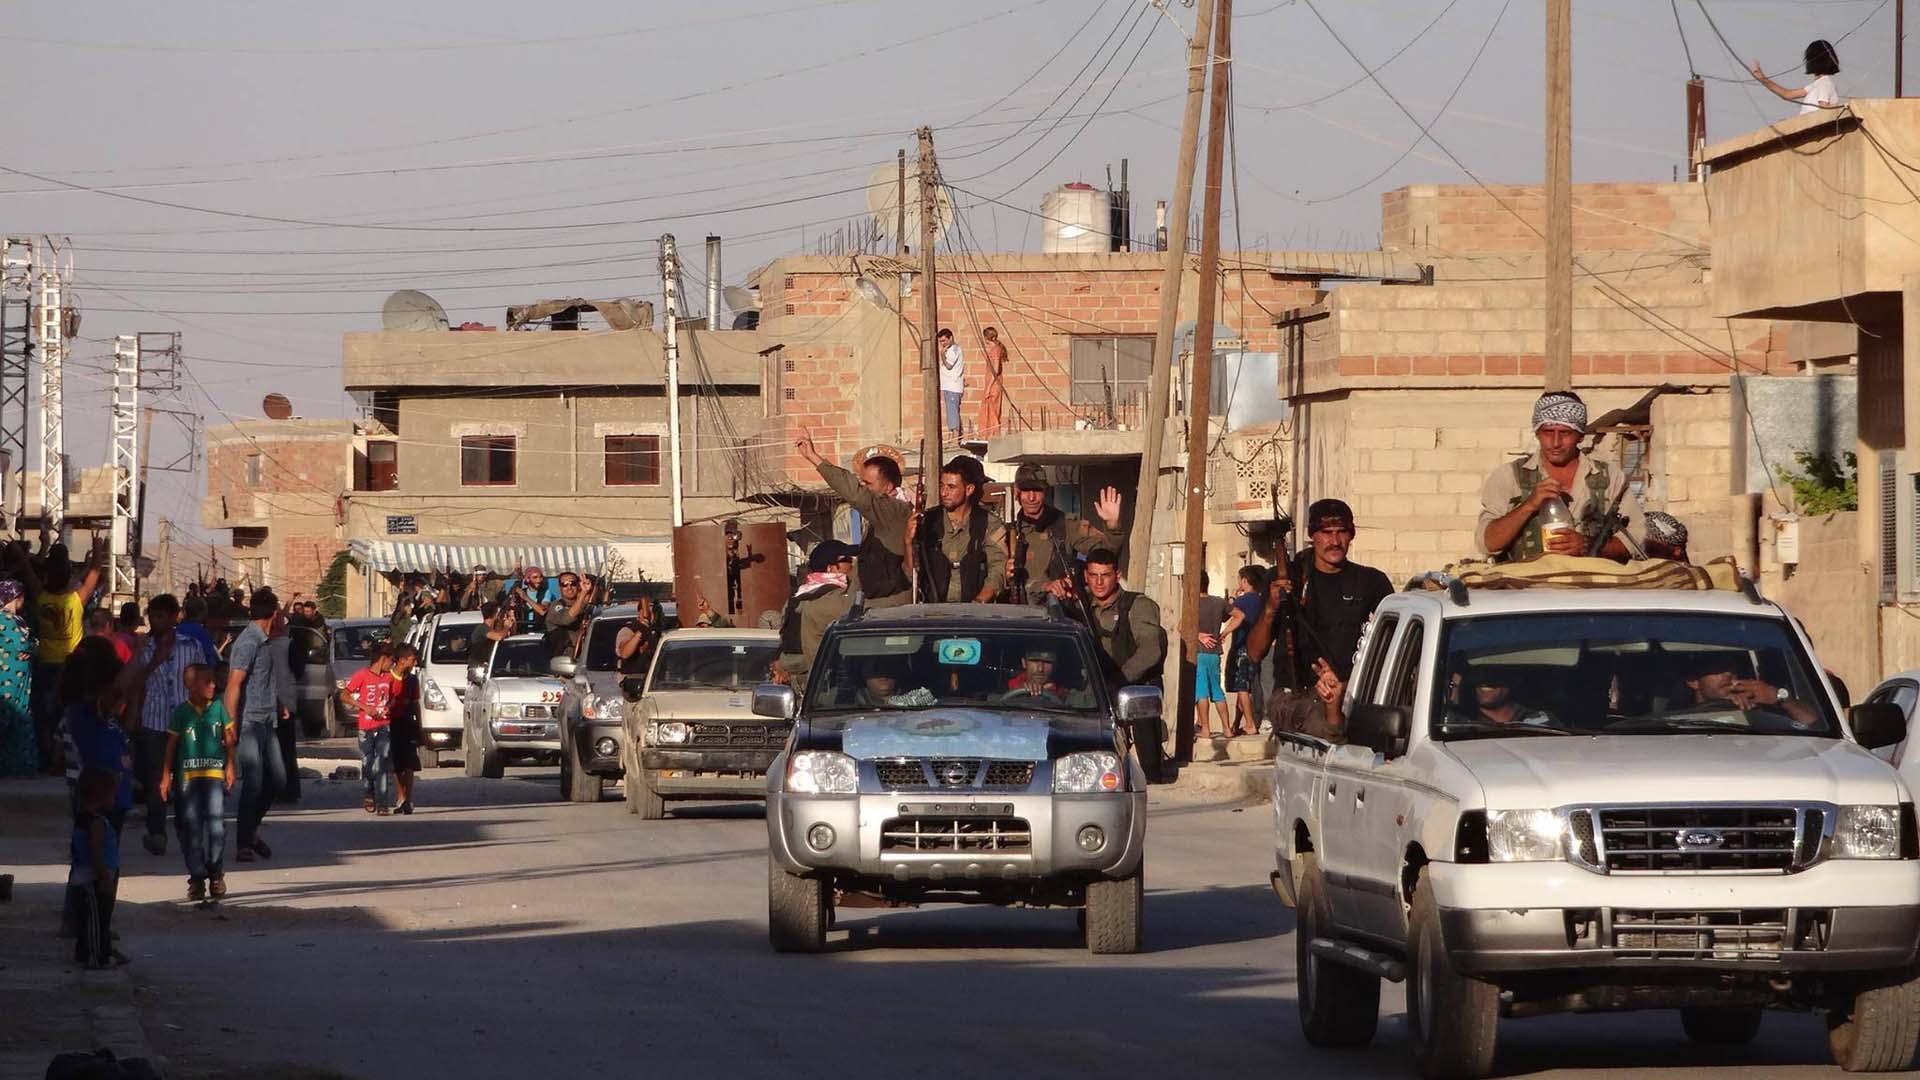 Un funcionario del gobierno atribuyó el ataque al grupo terrorista Estado Islámico